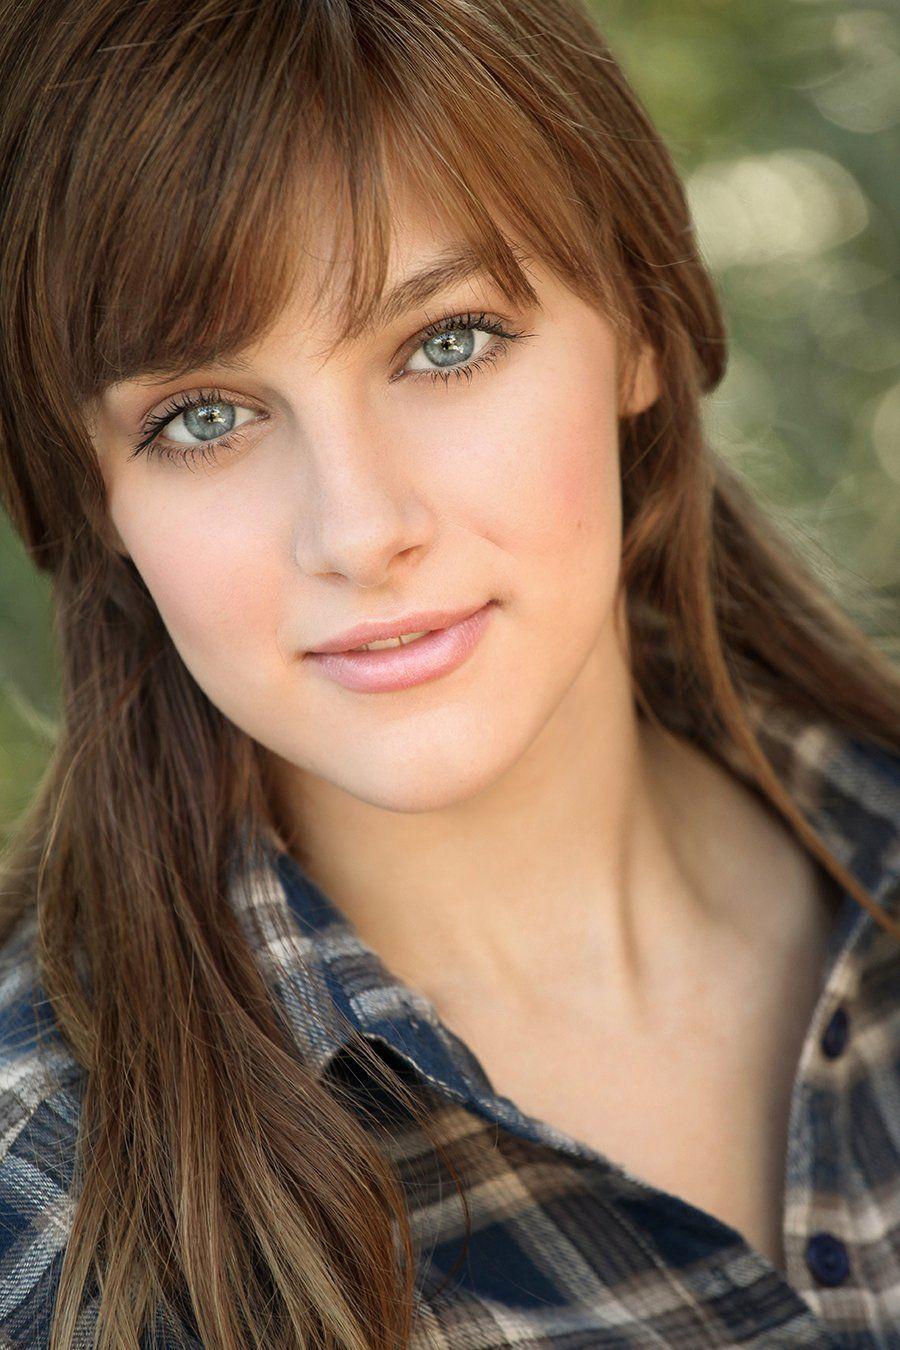 aubrey peeples - bing images | top female celebrities | pinterest